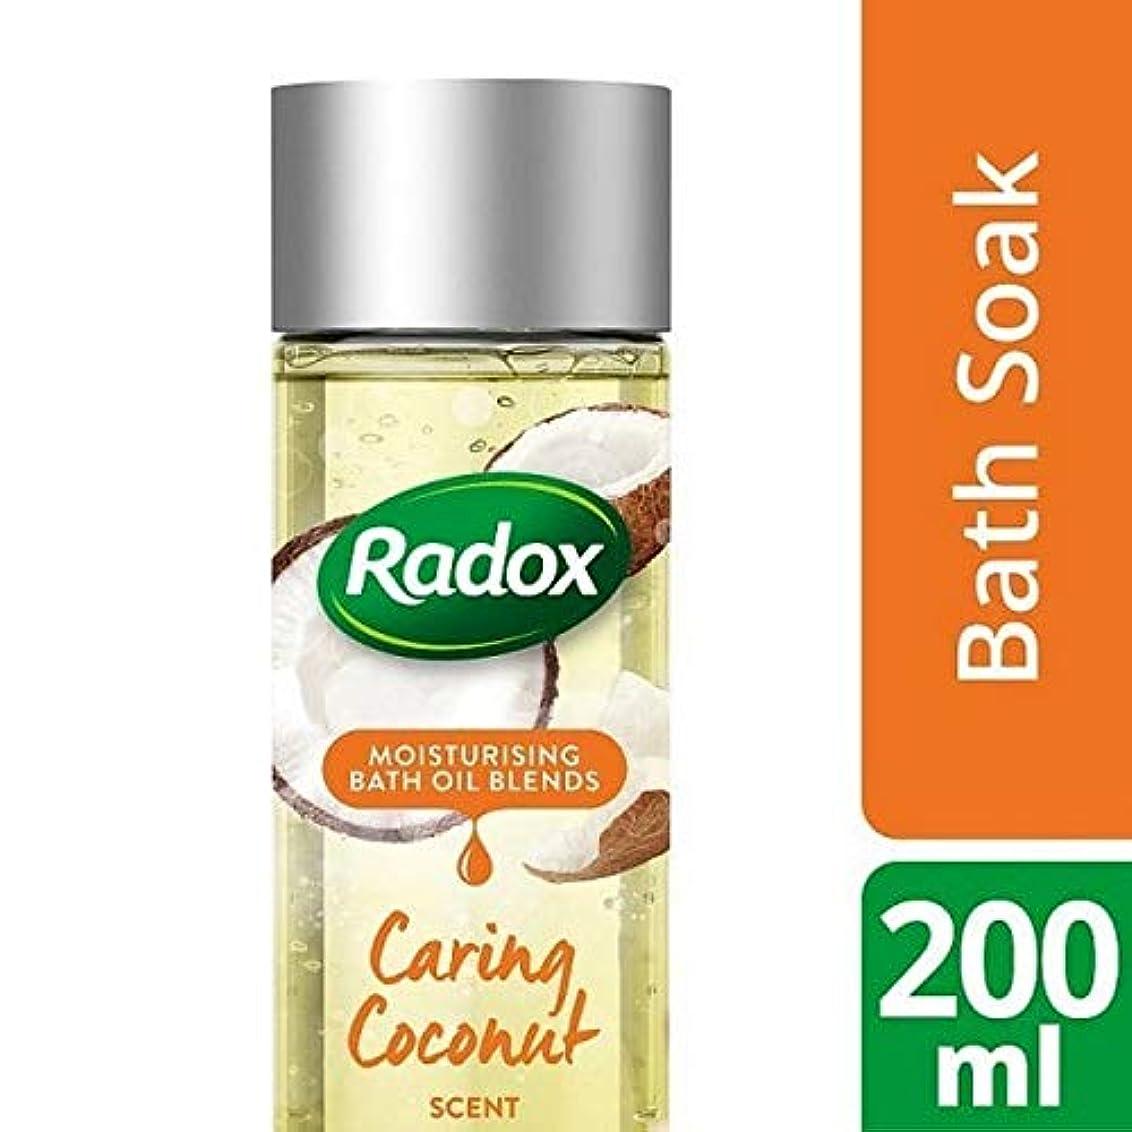 ナイロンなめらか外交問題[Radox] Radoxのバスオイル思いやりのあるココナッツの香りの200ミリリットル - Radox Bath Oil Caring Coconut Scent 200ml [並行輸入品]